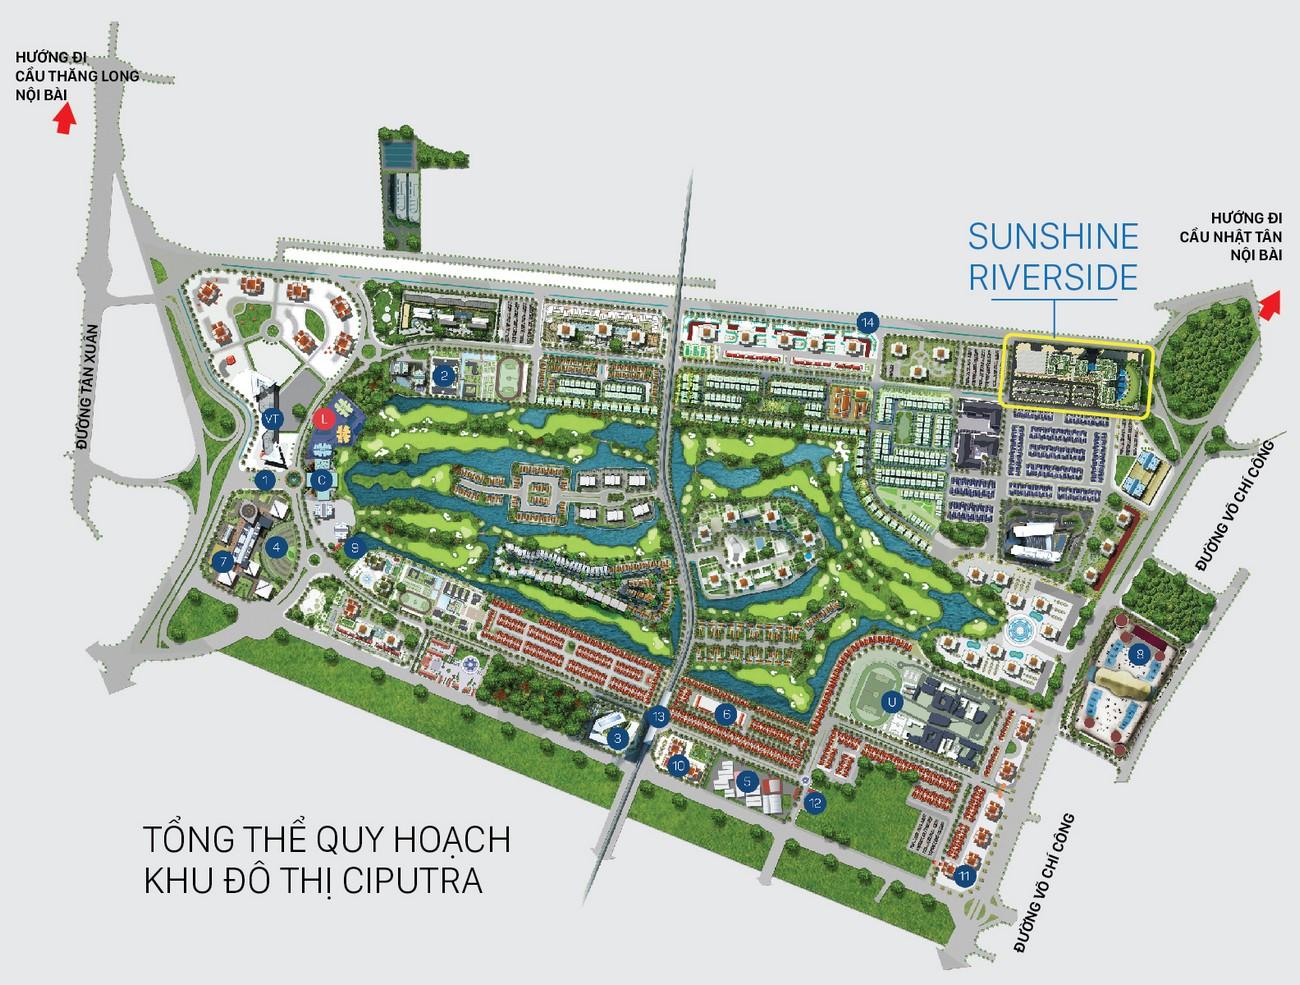 Mặt bằng dự án căn hộ chung cư Sunshine Riverside Quận Tây Hồ KĐT Ciputra chủ đầu tư Sunshine Group